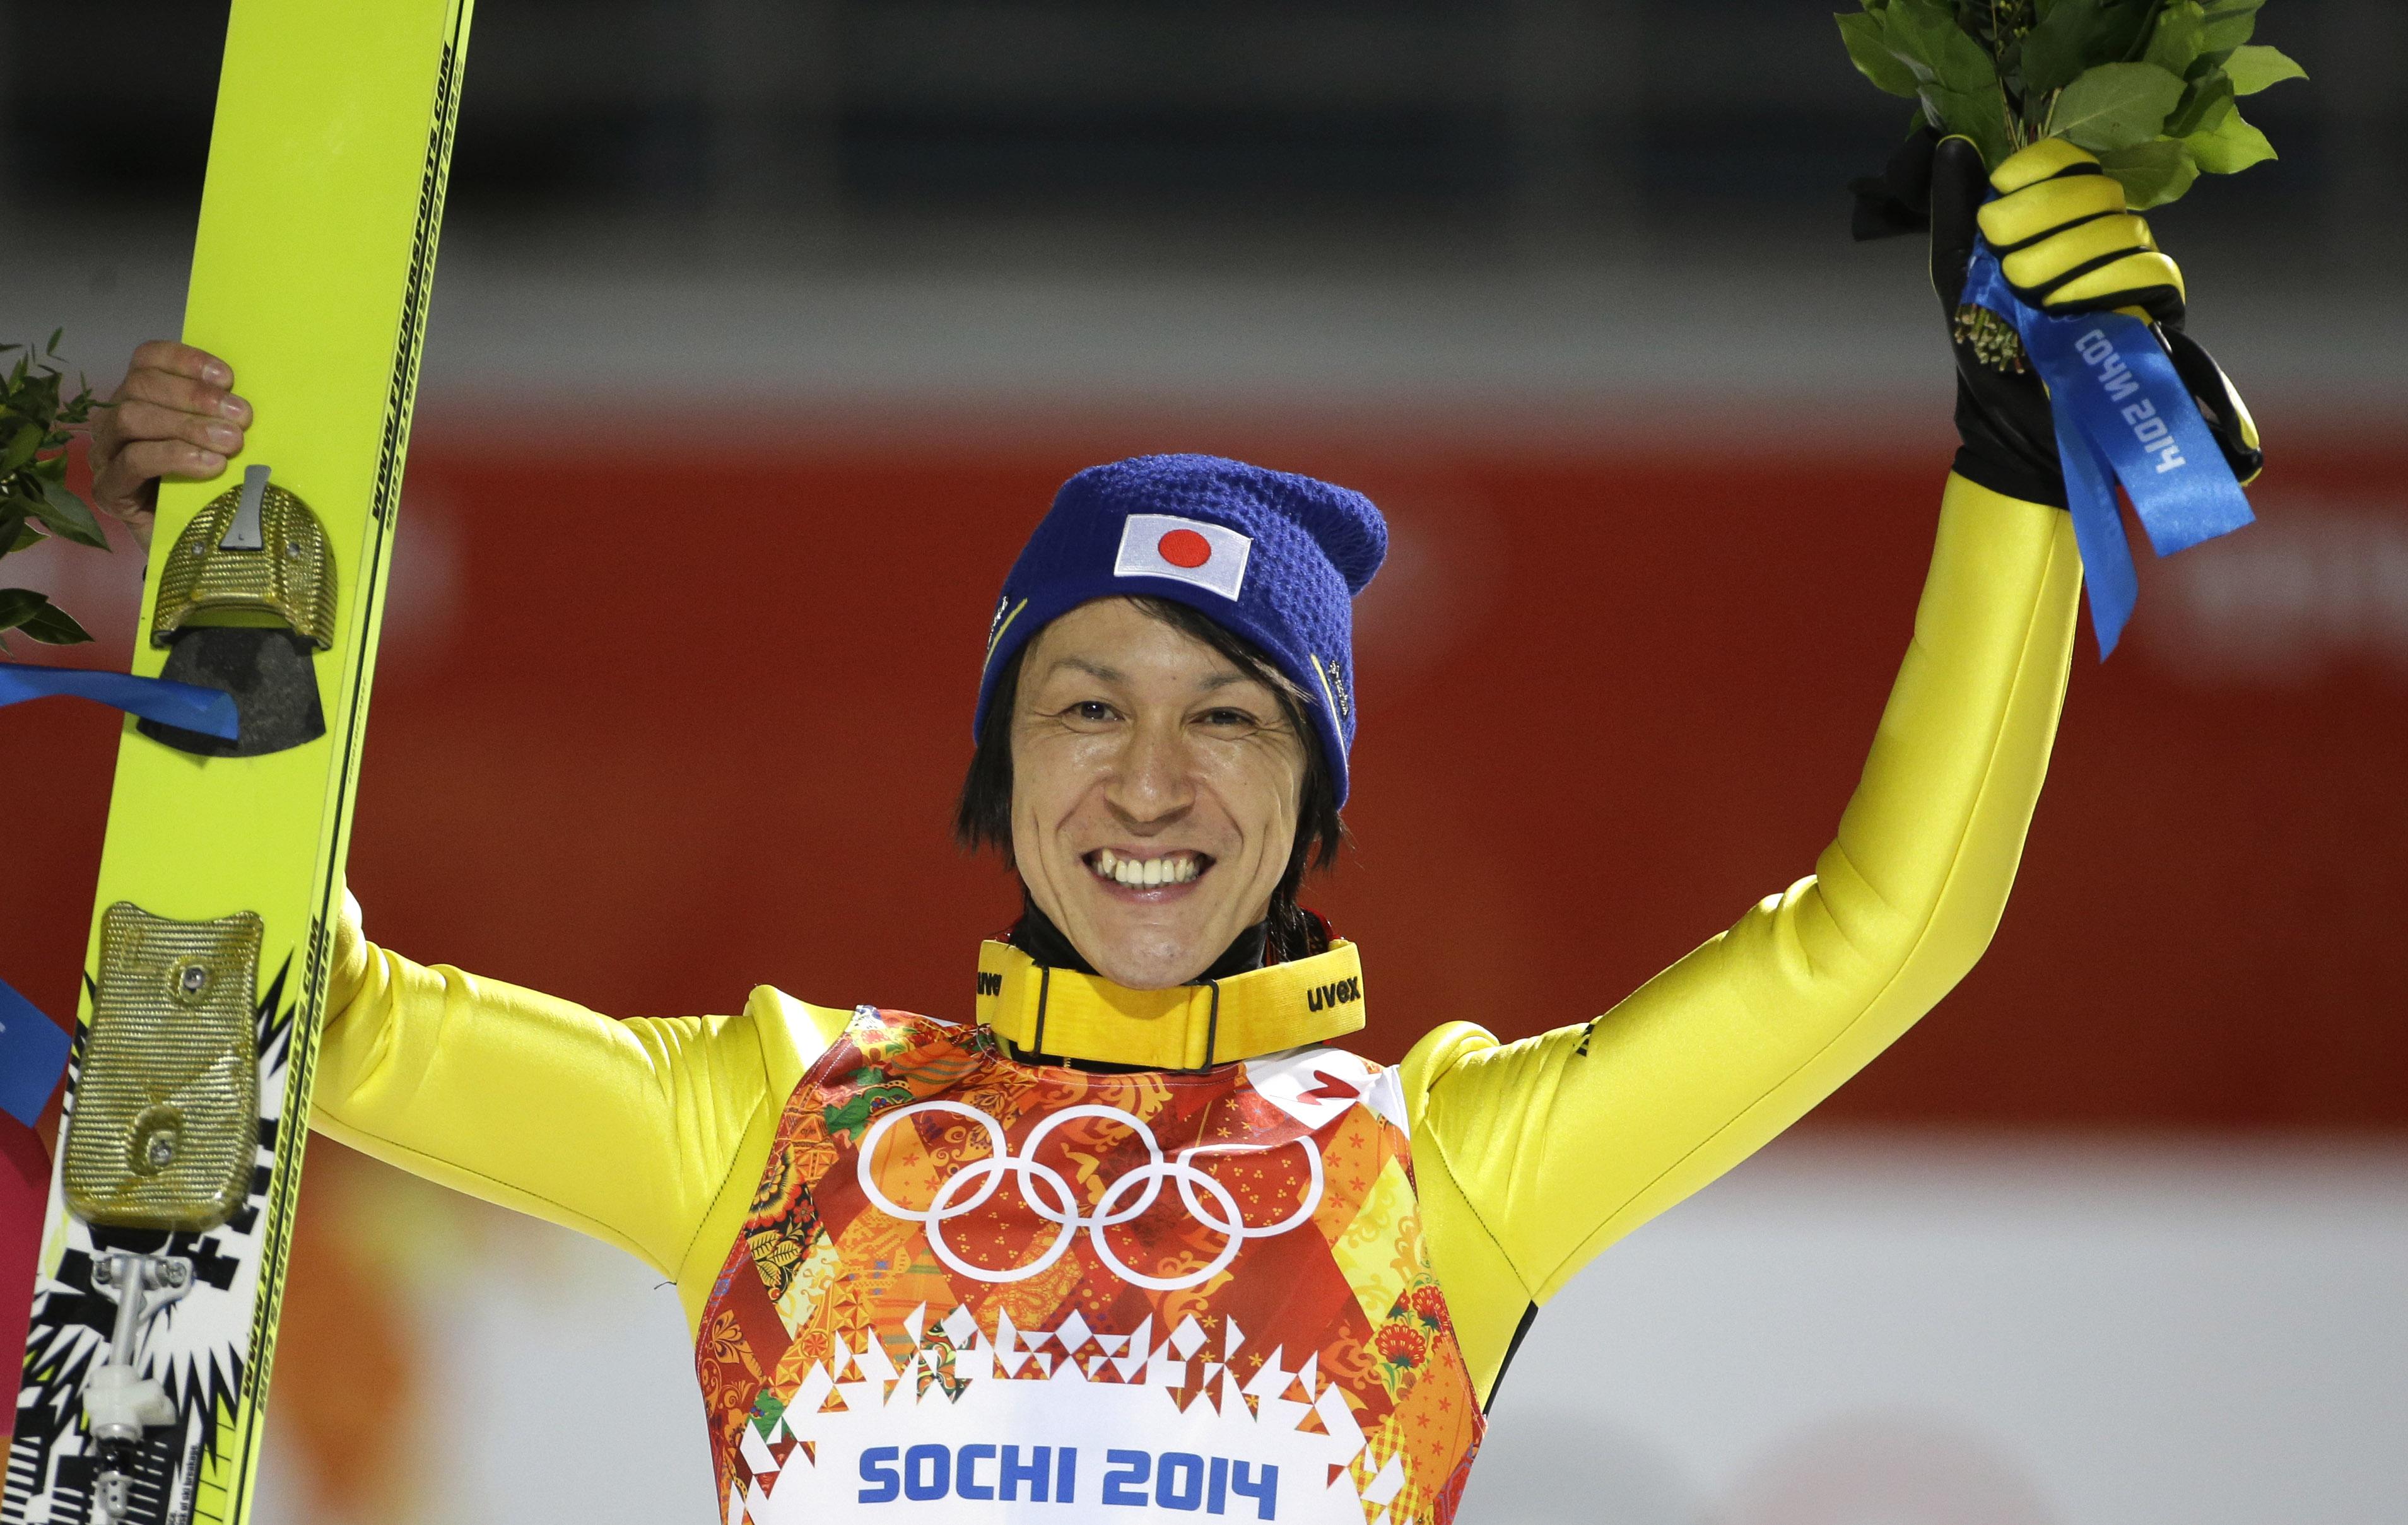 sochi-olympics-ski-jumping-men_jpeg-02907.jpg